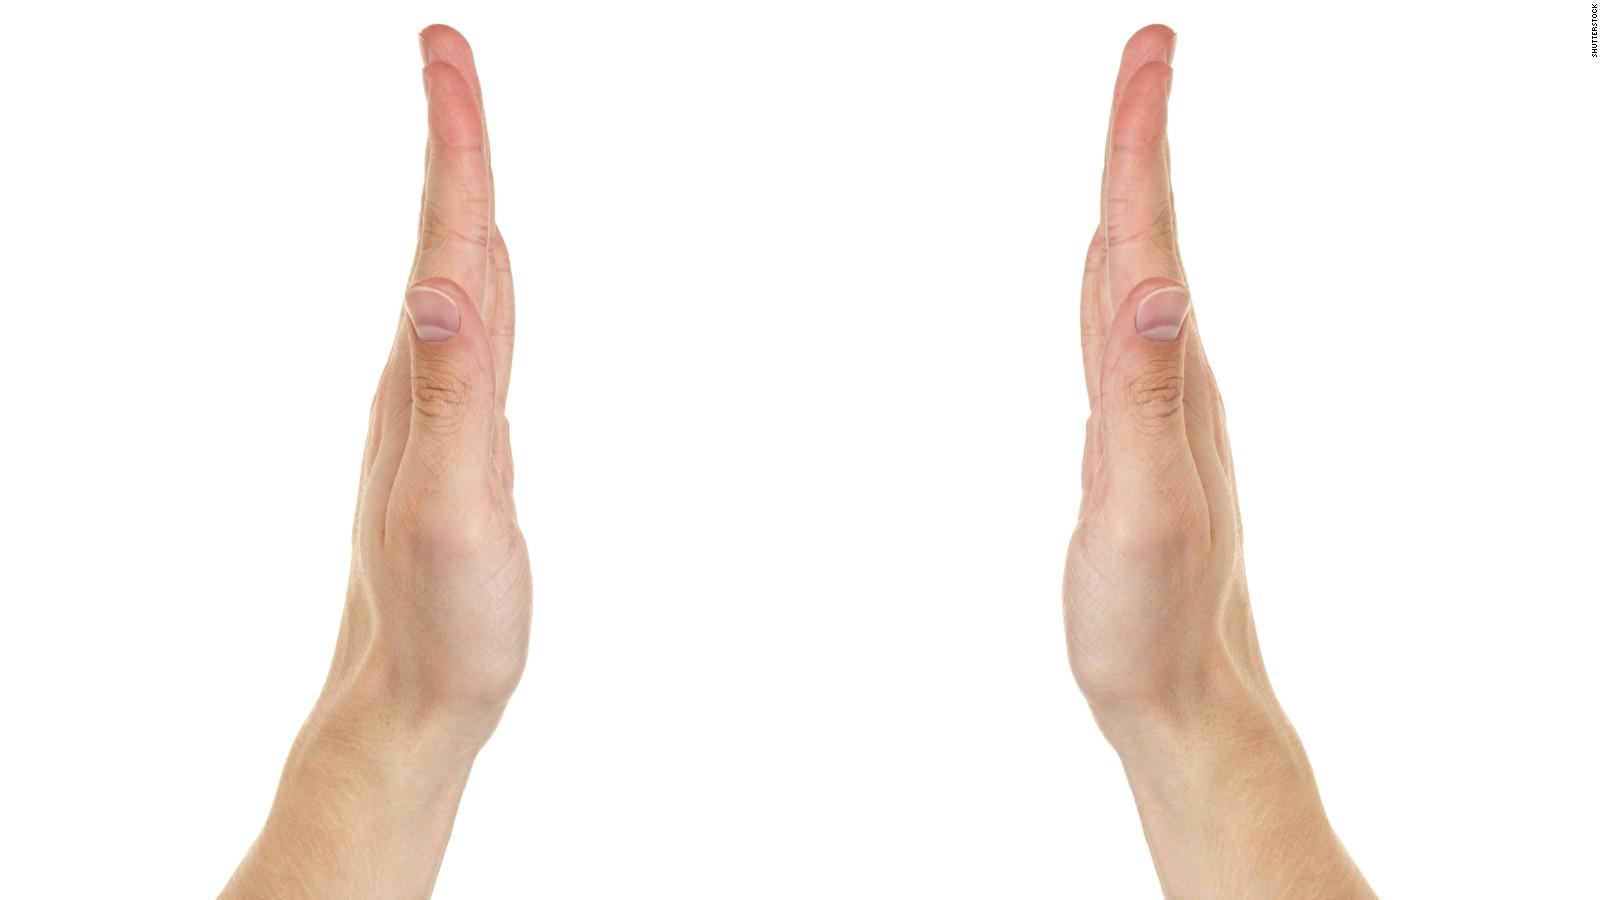 Толерантность коррелирует с величиной пениса, показали результаты масштабного исследования